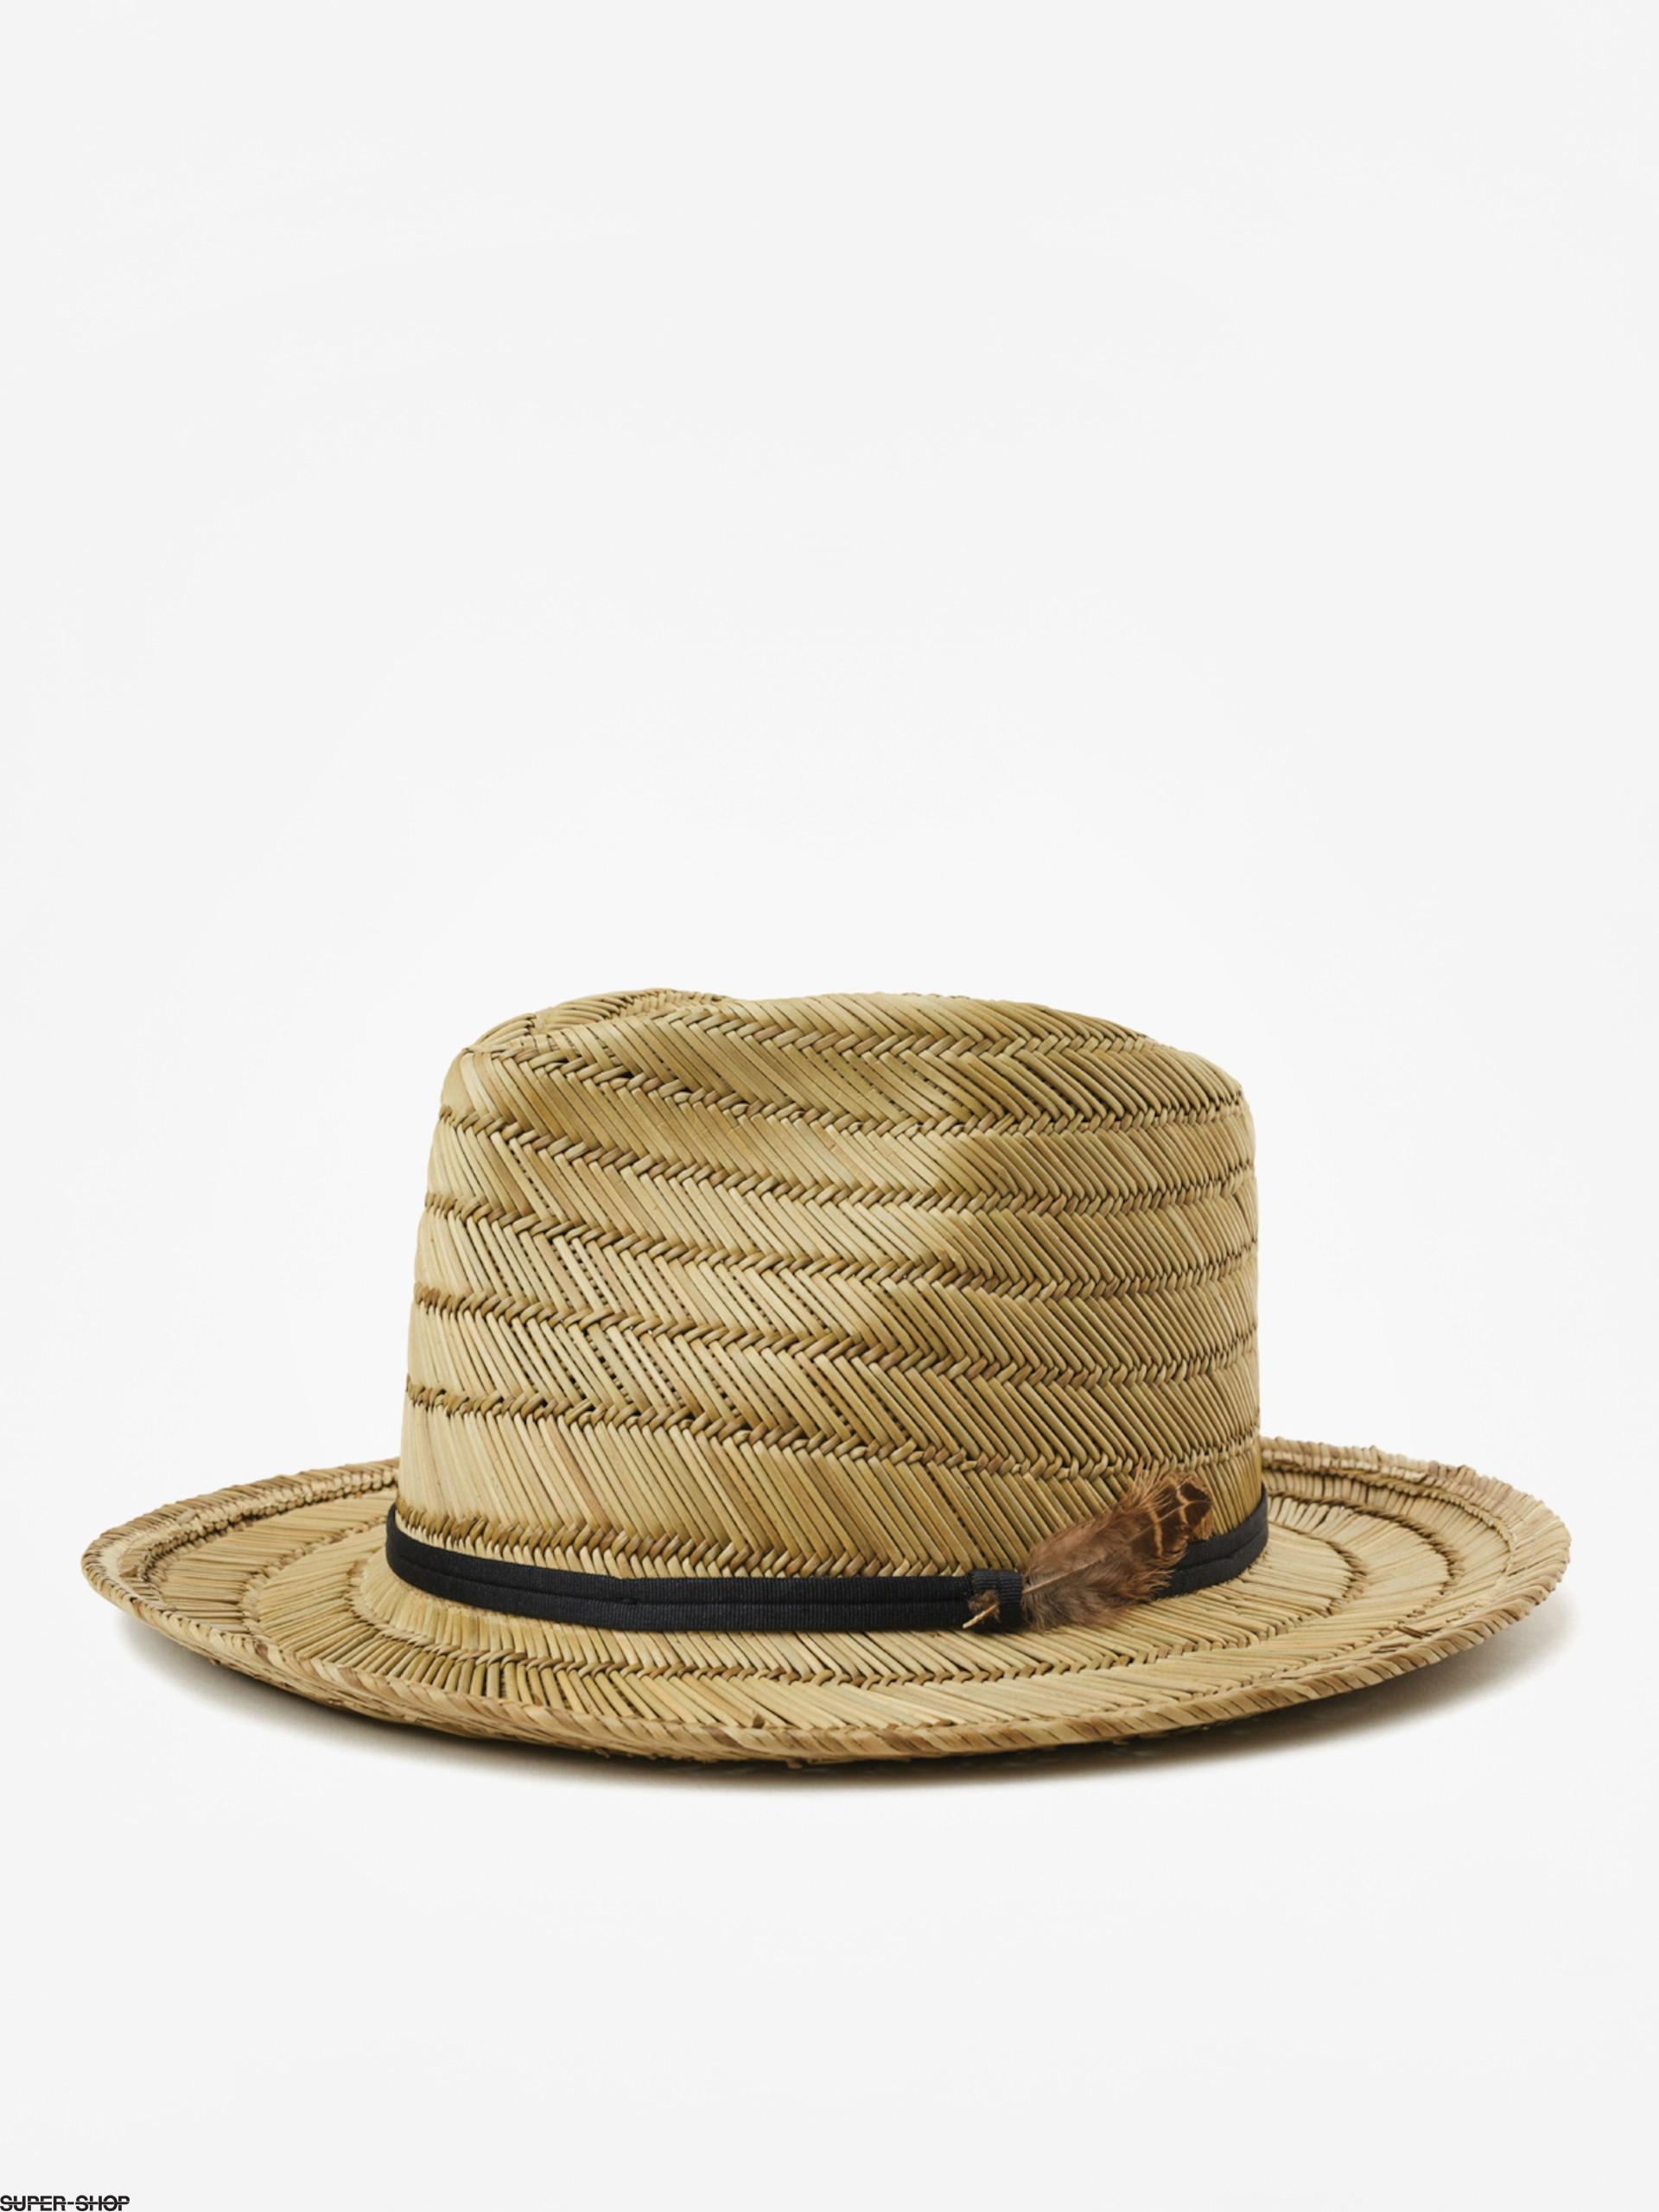 1b0e803d755 1019707-w1920-brixton-crosby-ii-fedora-hat-tan.jpg